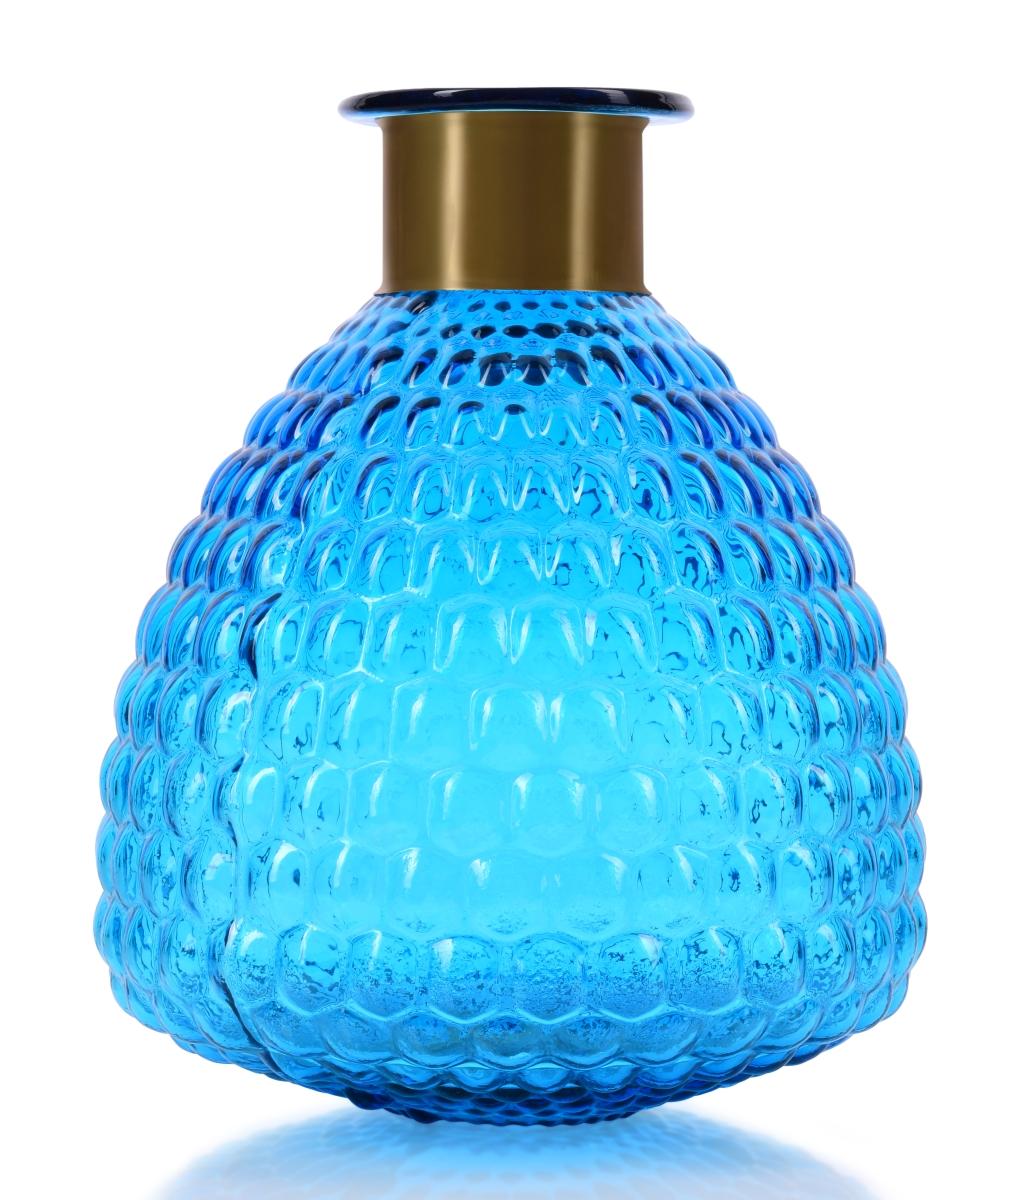 Skleněná váza  s reliéfním povrchem  a efektním kovovým prstencem